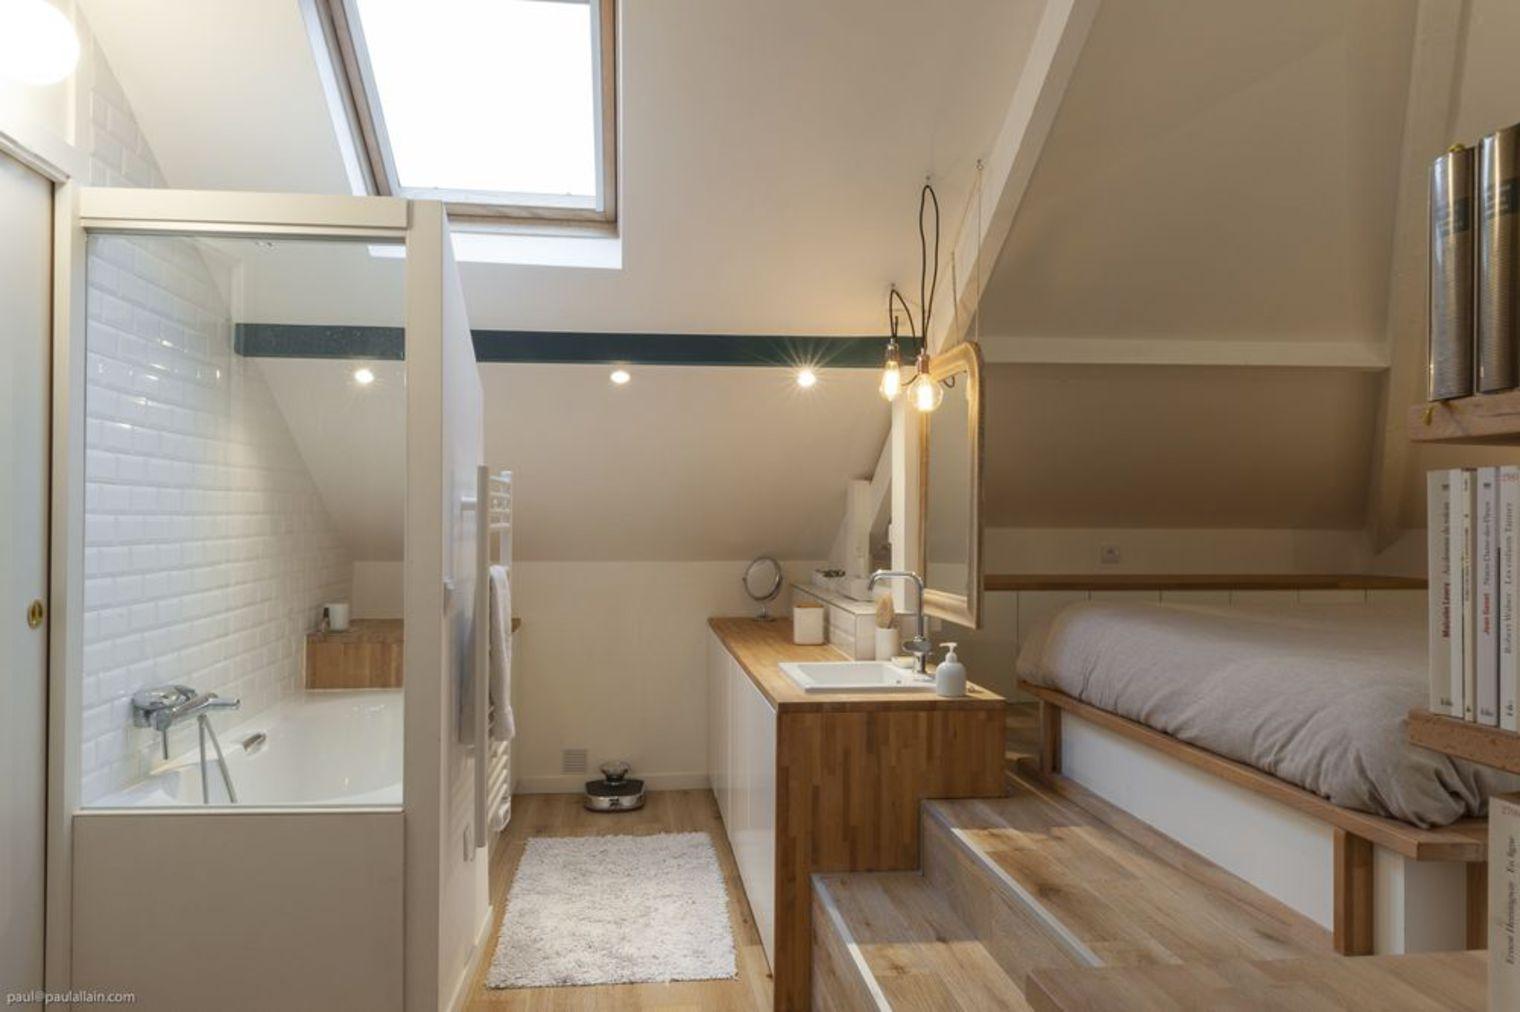 Afficher l 39 image d 39 origine loft pinterest espaces minuscules amenagement mezzanine et - Salle de bain sous mezzanine ...